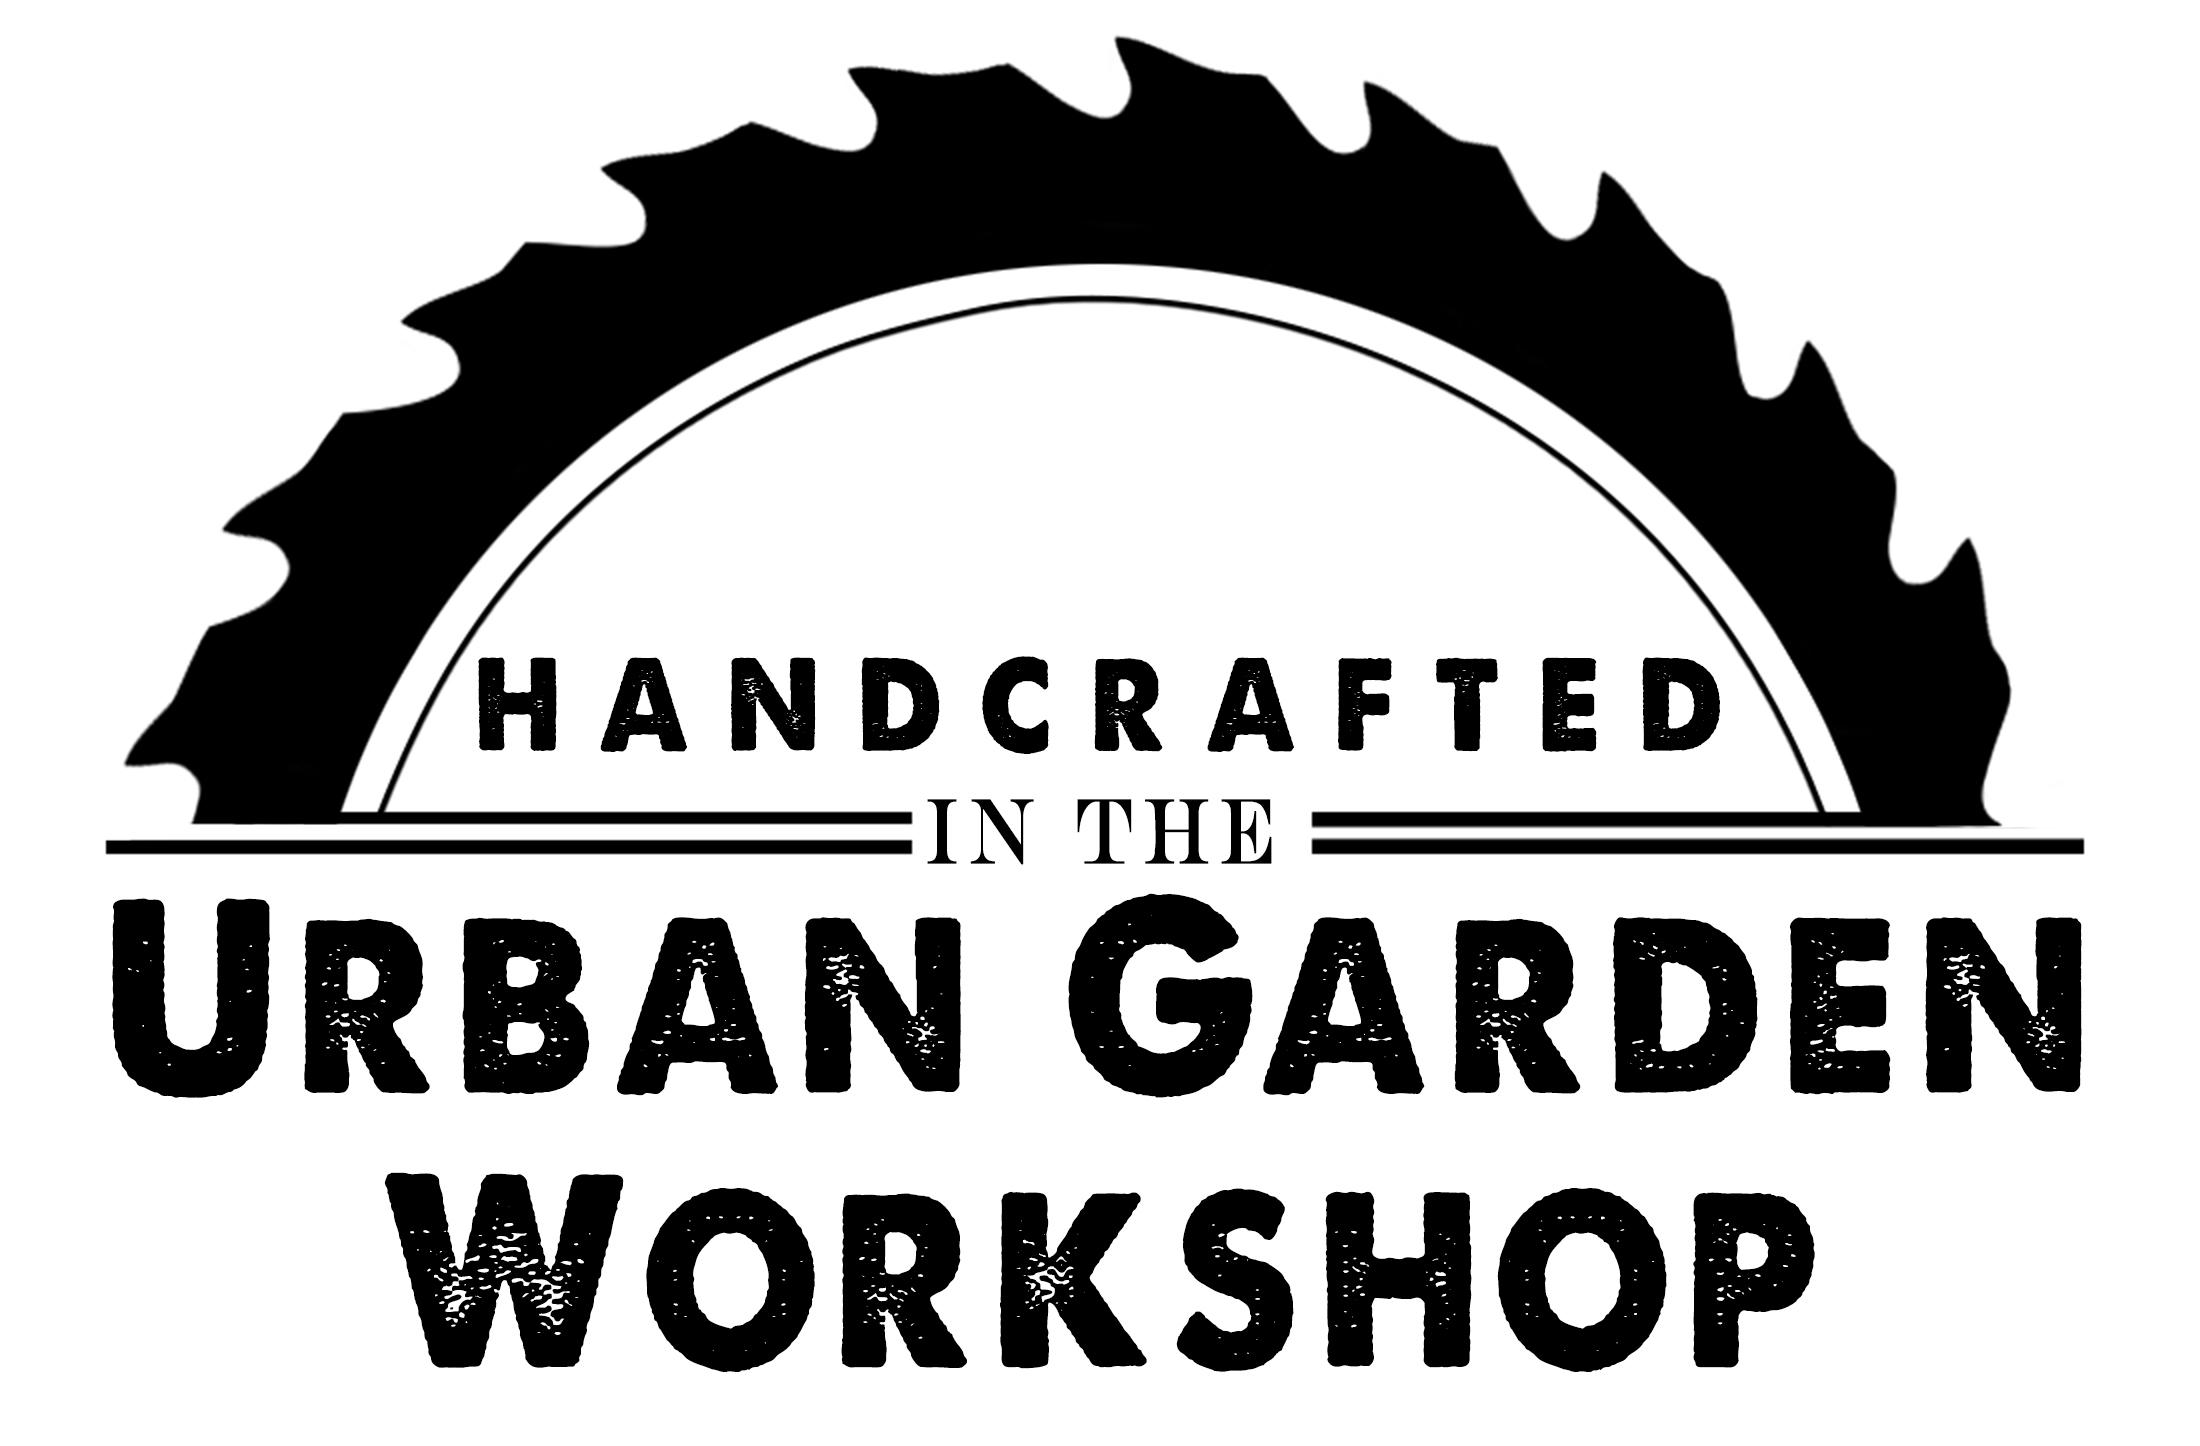 Urban Garden Workshop